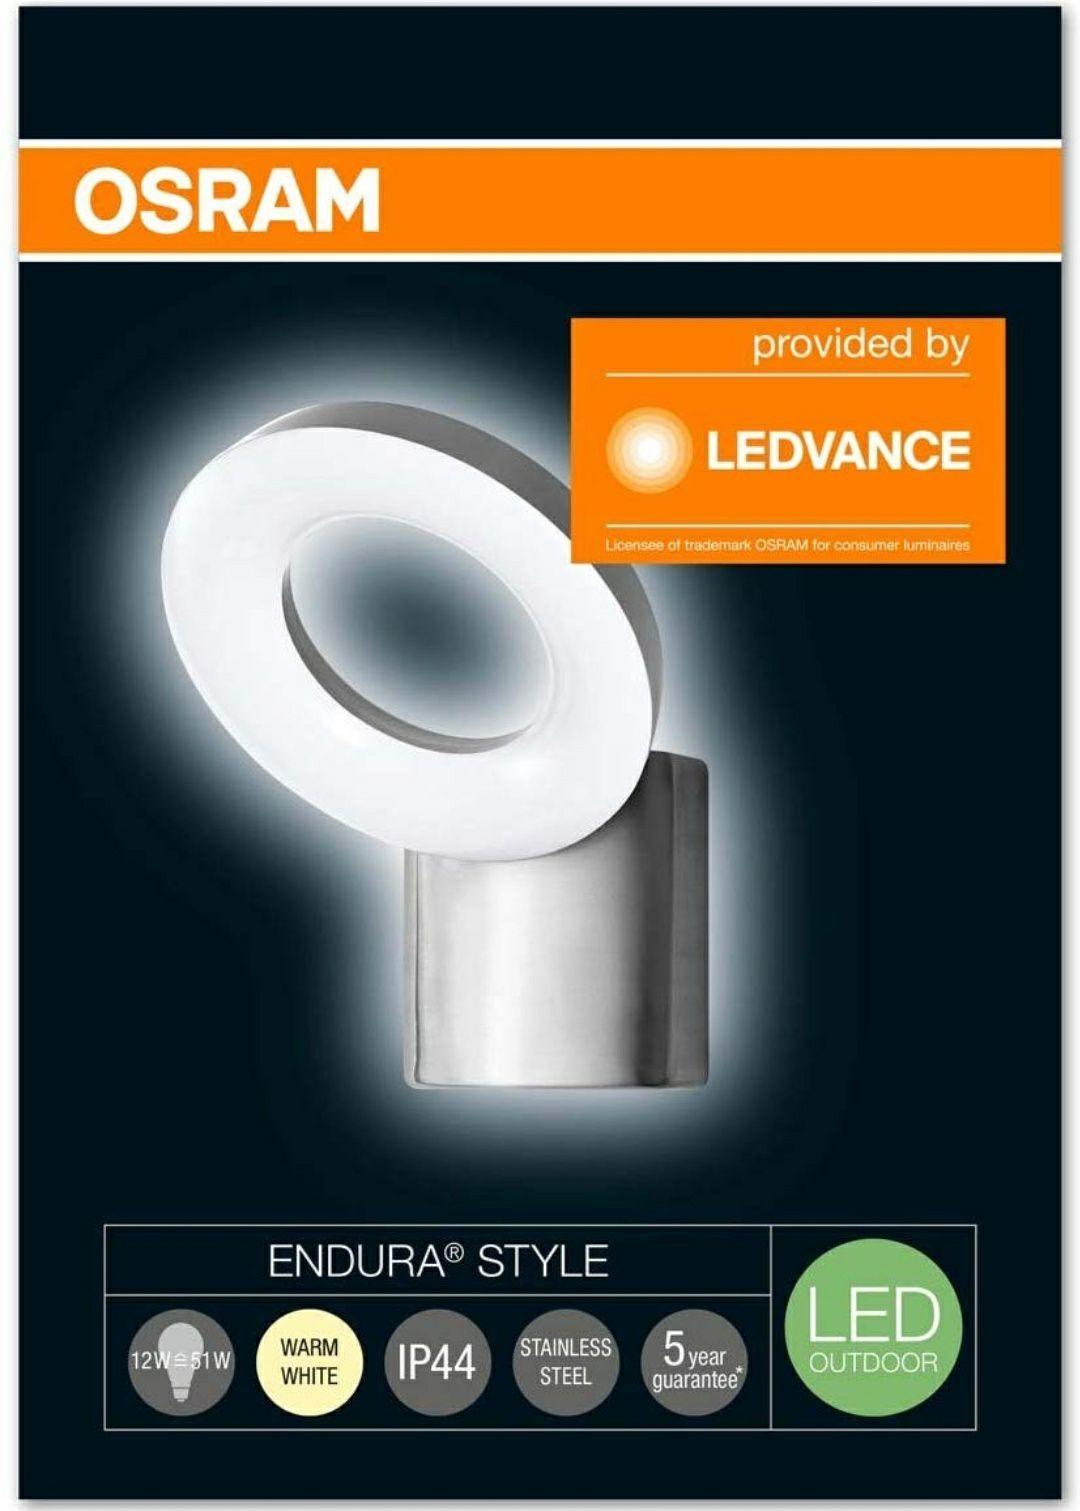 Osram LED Wand- und Deckenleuchte, Leuchte für Außenanwendungen, Warmweiß, Endura Style WallLoop